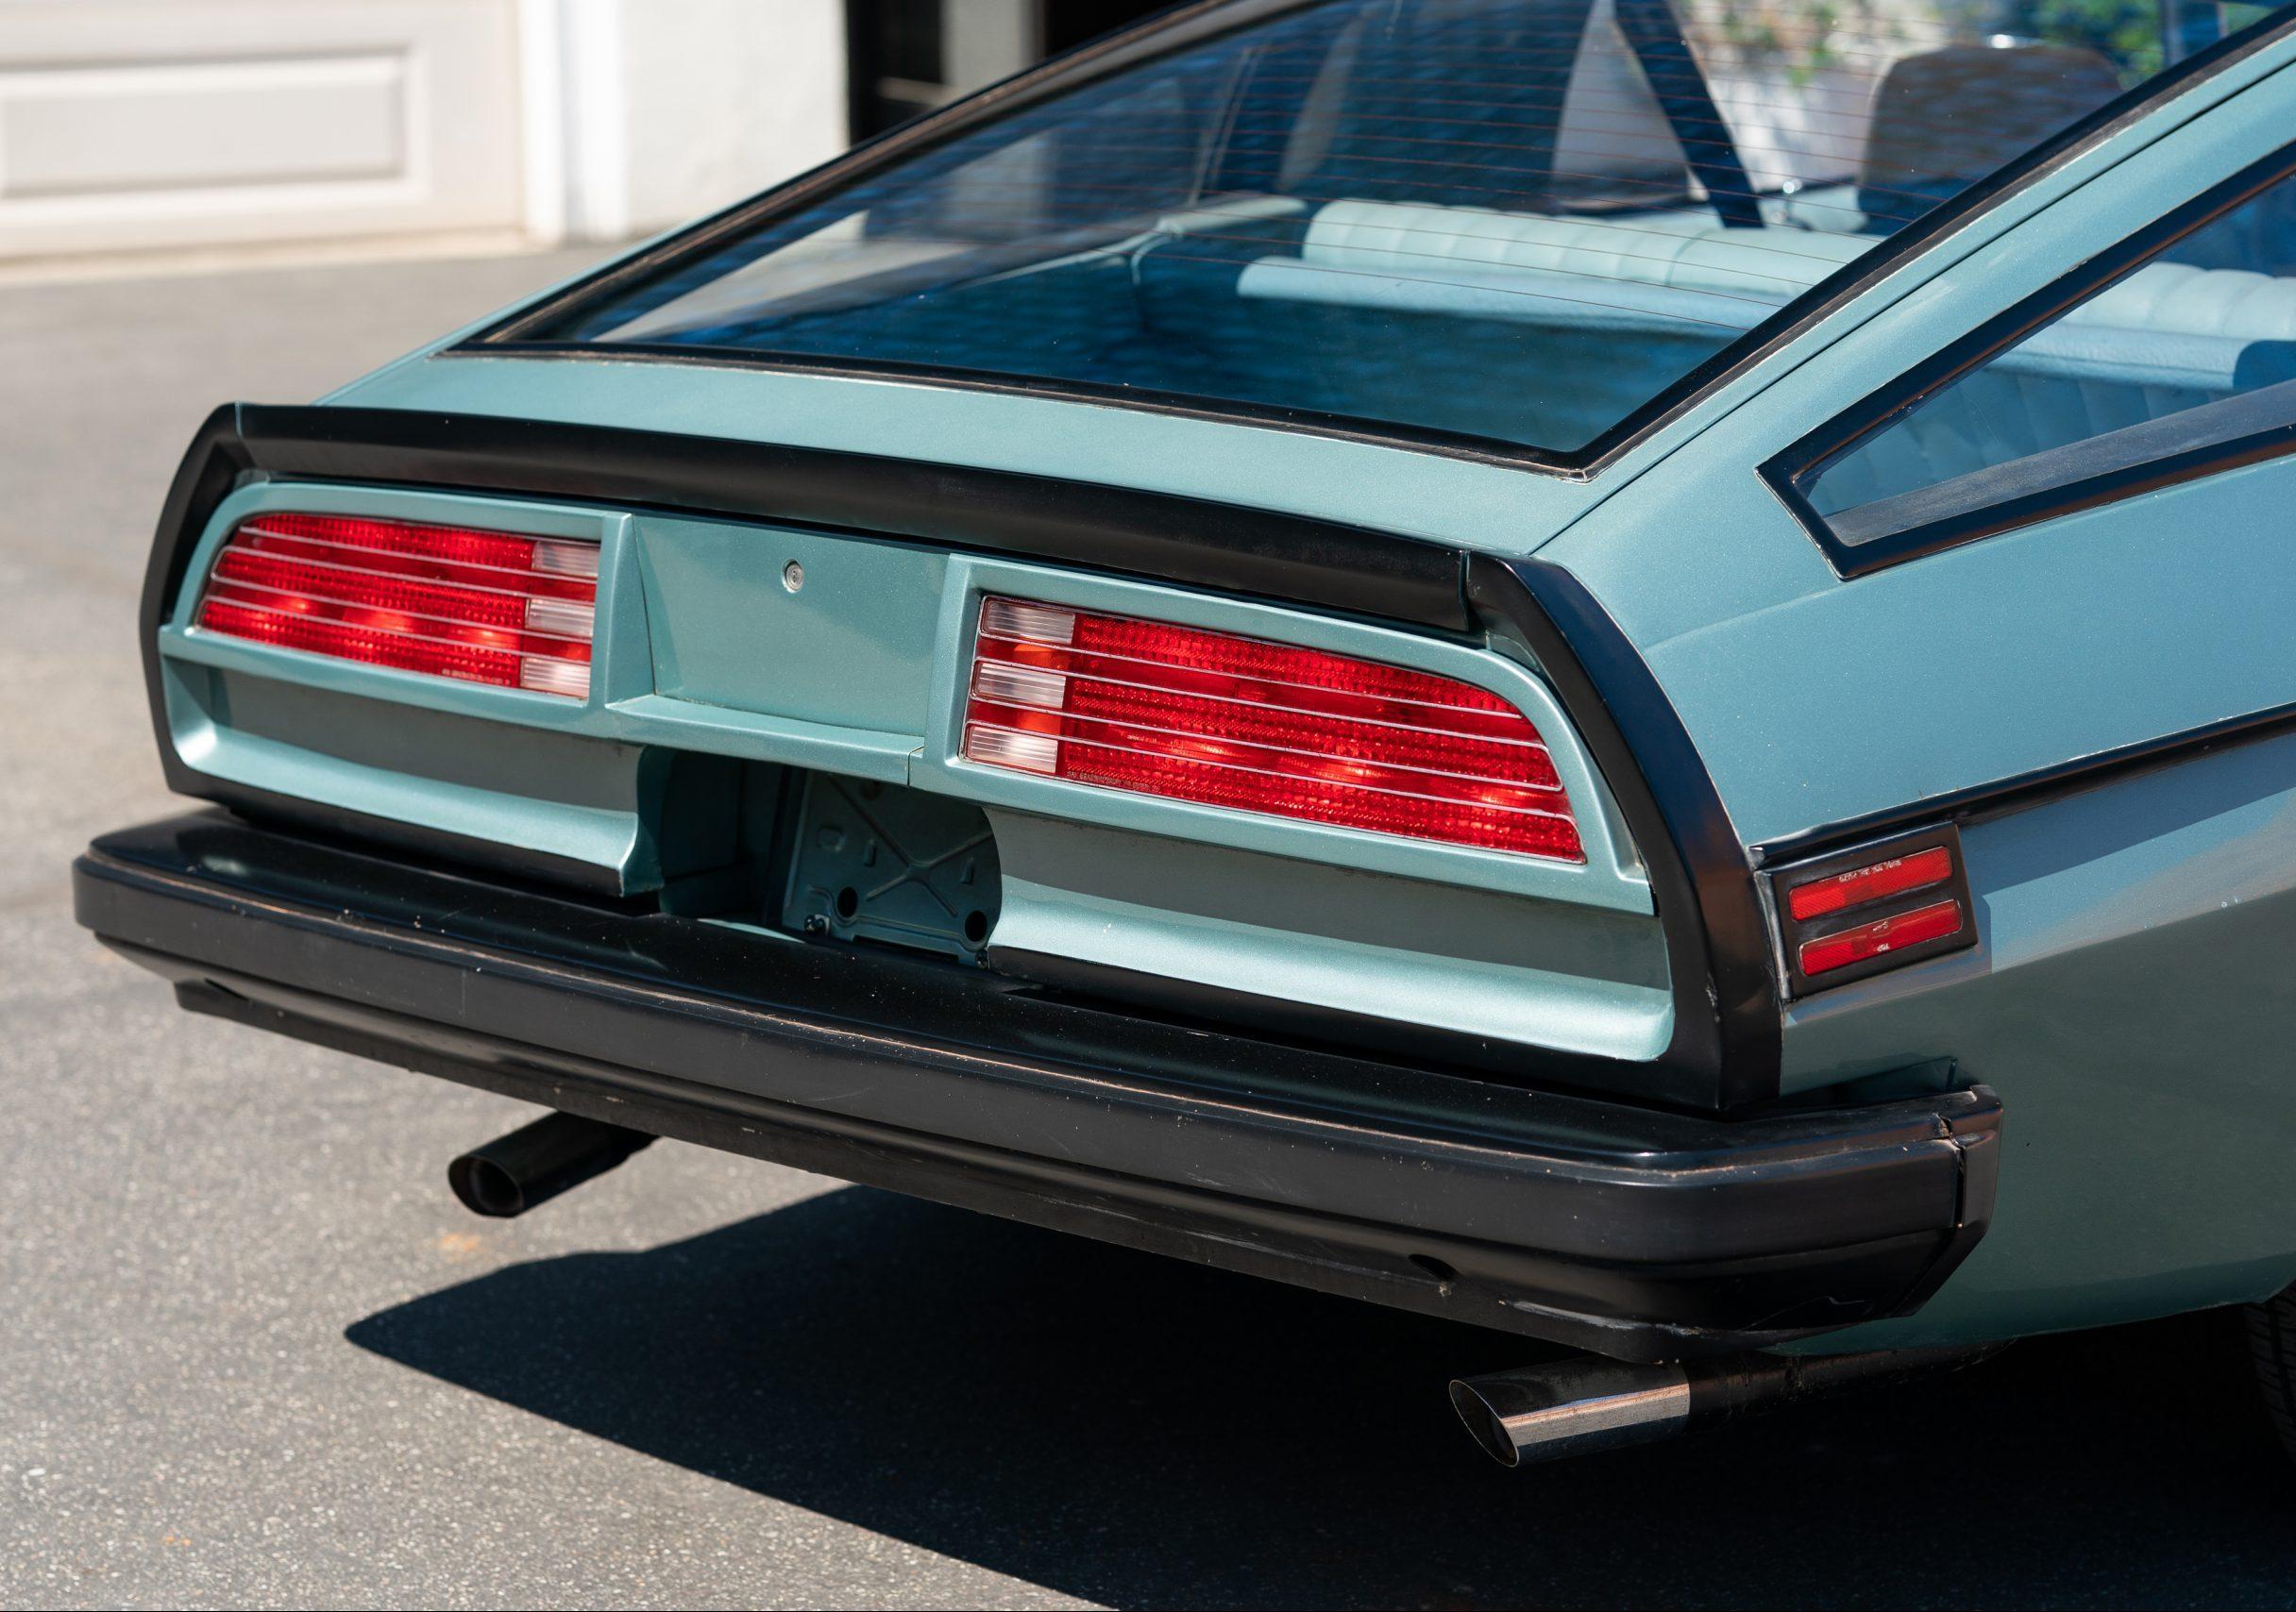 Europo Hurst rear fascia